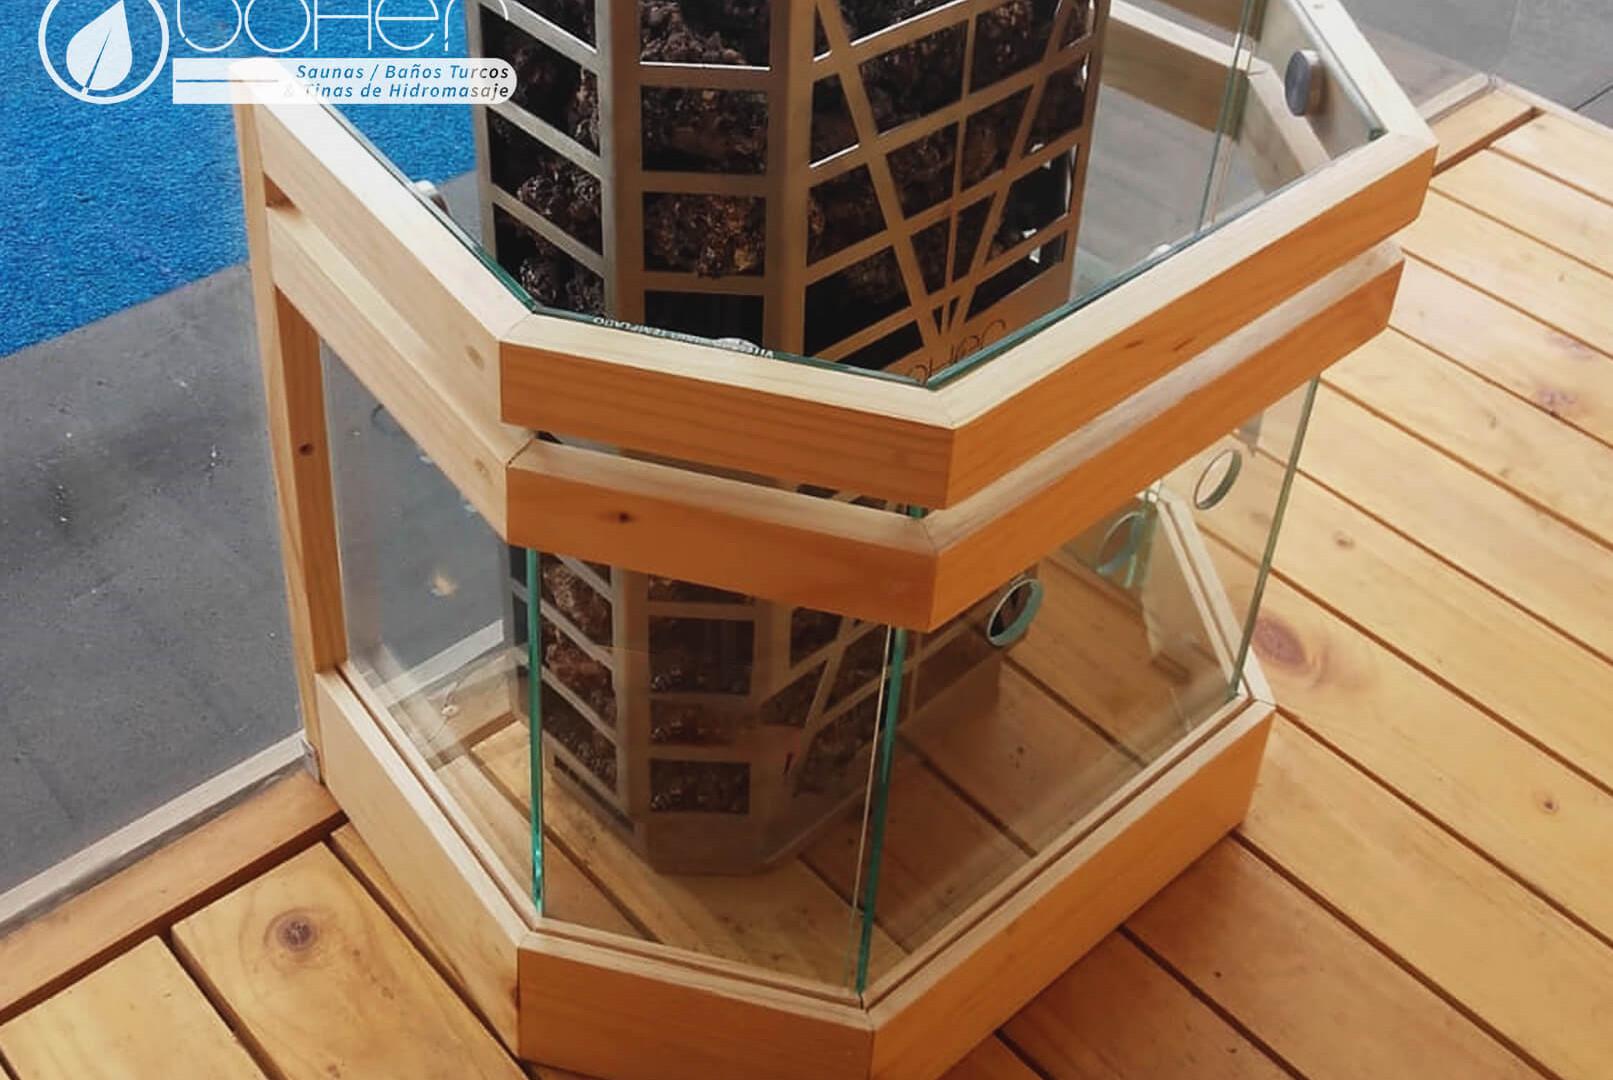 Corral protector para Generador de Calor de Sauna